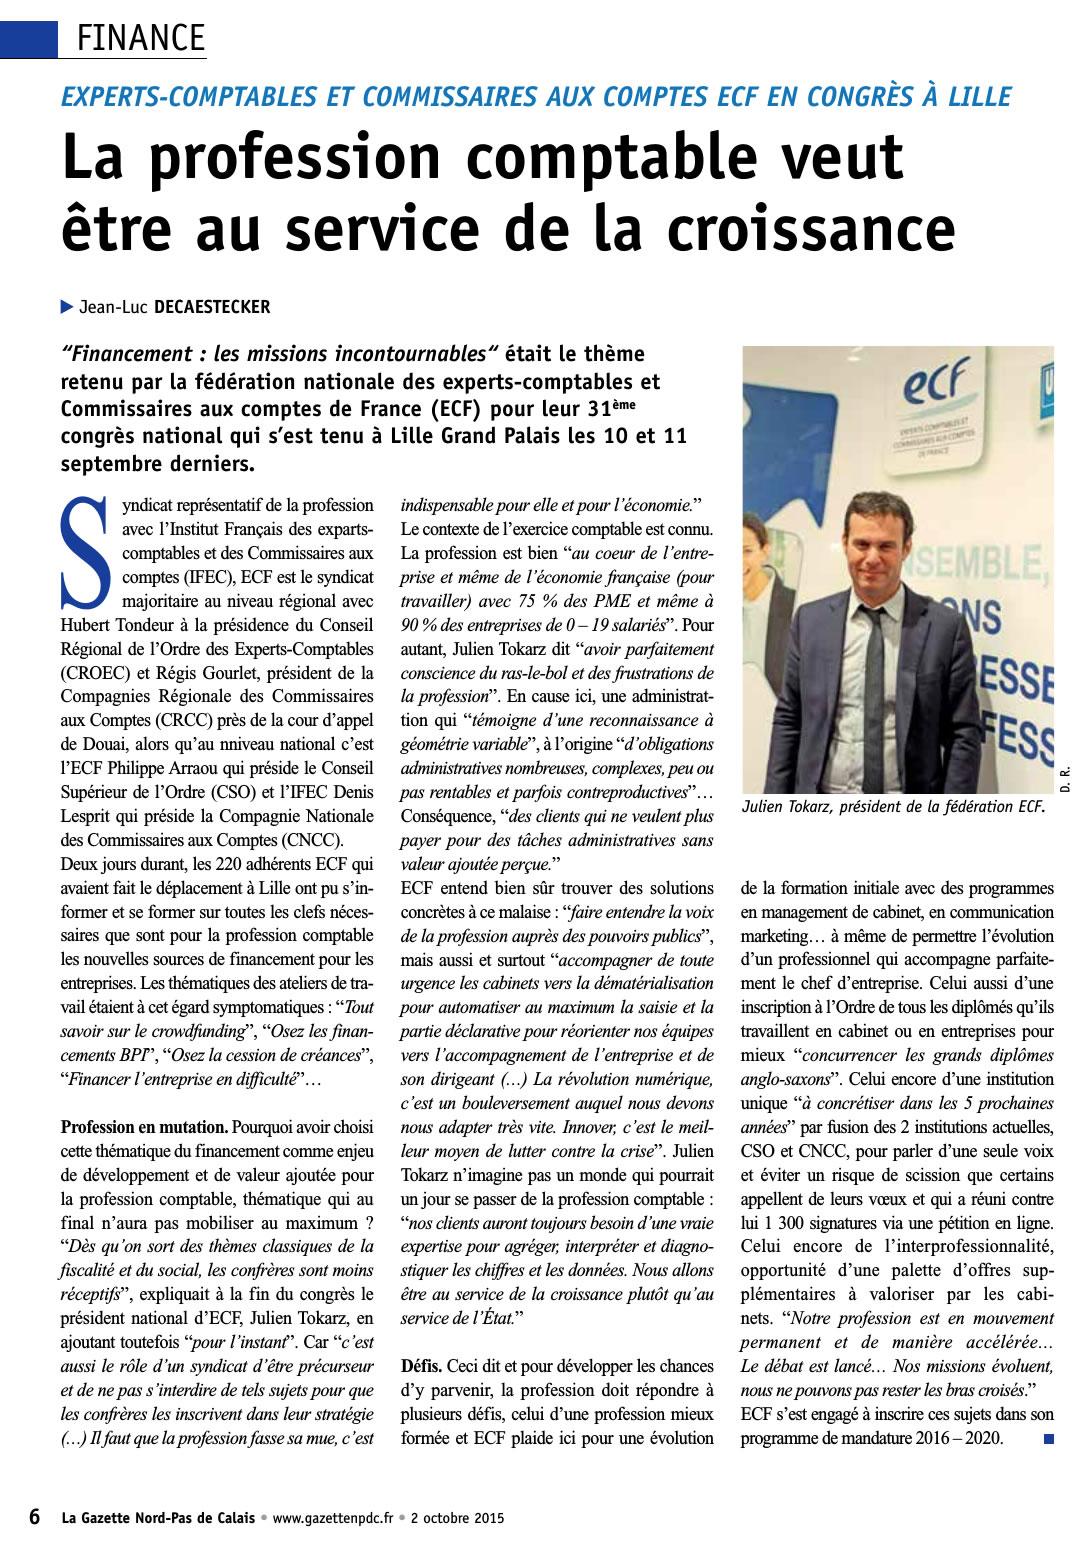 decouvrez-larticle-la-profession-comptable-veut-etre-au-service-de-la-croissance-publie-le-2-octobre-2015-dans-la-gazette-du-nord-pas-de-calais